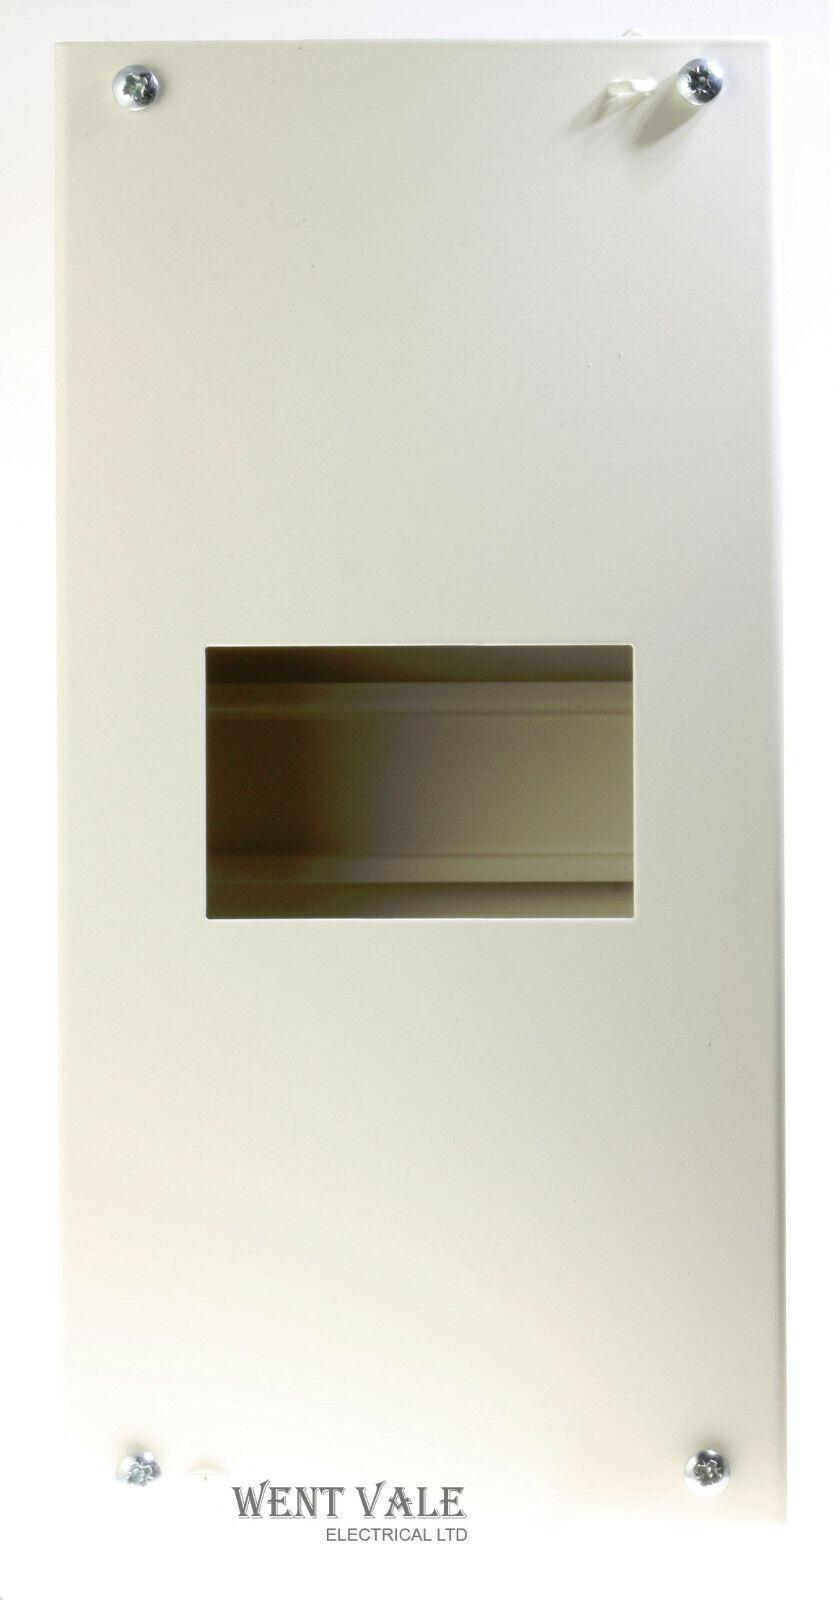 Schneider Multi 9 - 14599 - 4 Way G9 IP30 Sheet Steel Enclosure New